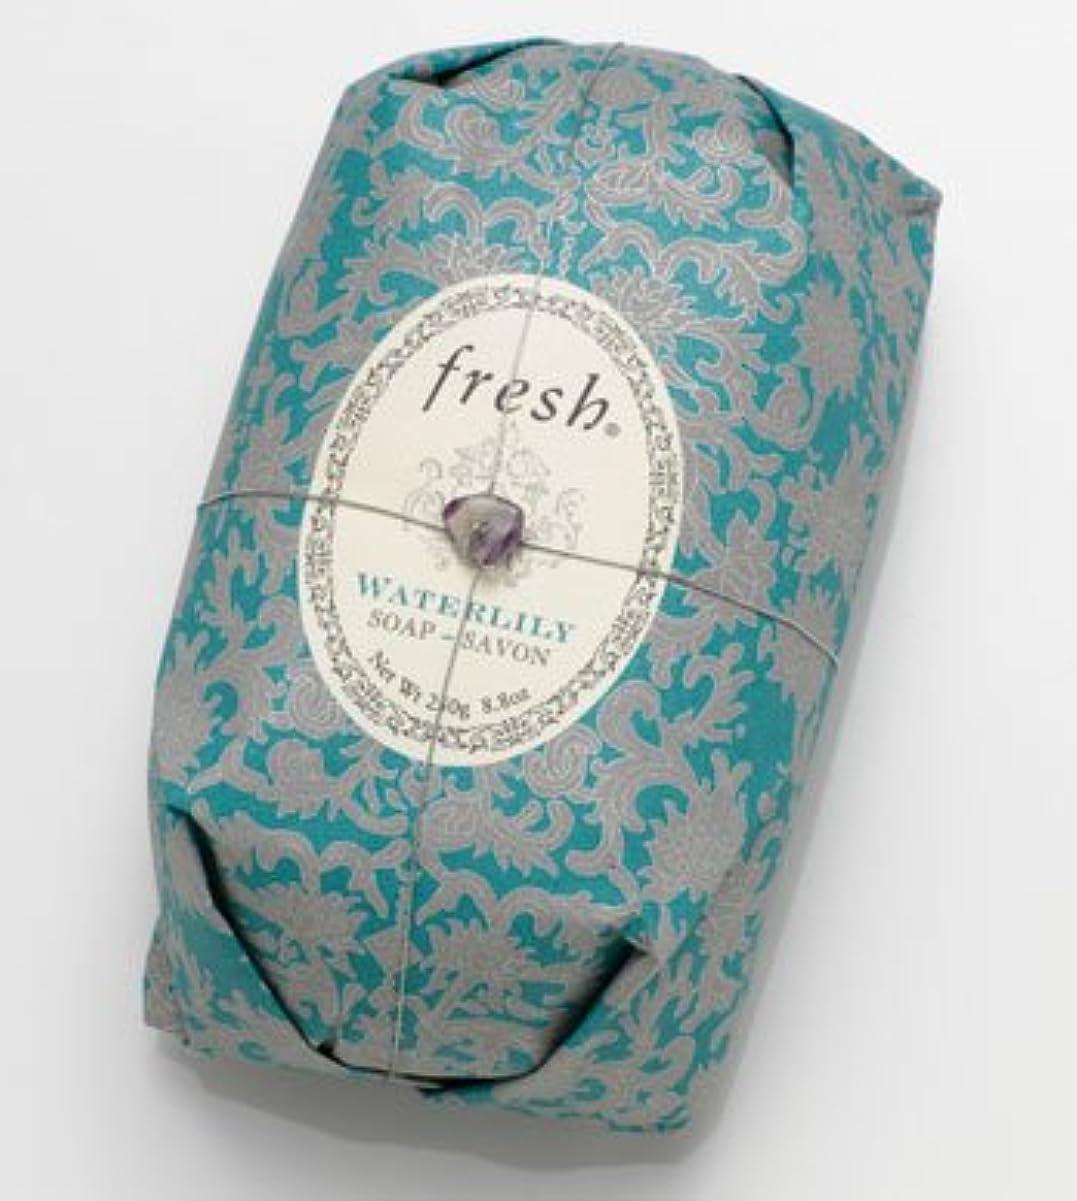 暫定請求可能疑い者Fresh WATERLILY SOAP (フレッシュ ウオーターリリー ソープ) 8.8 oz (250g) Soap (石鹸) by Fresh